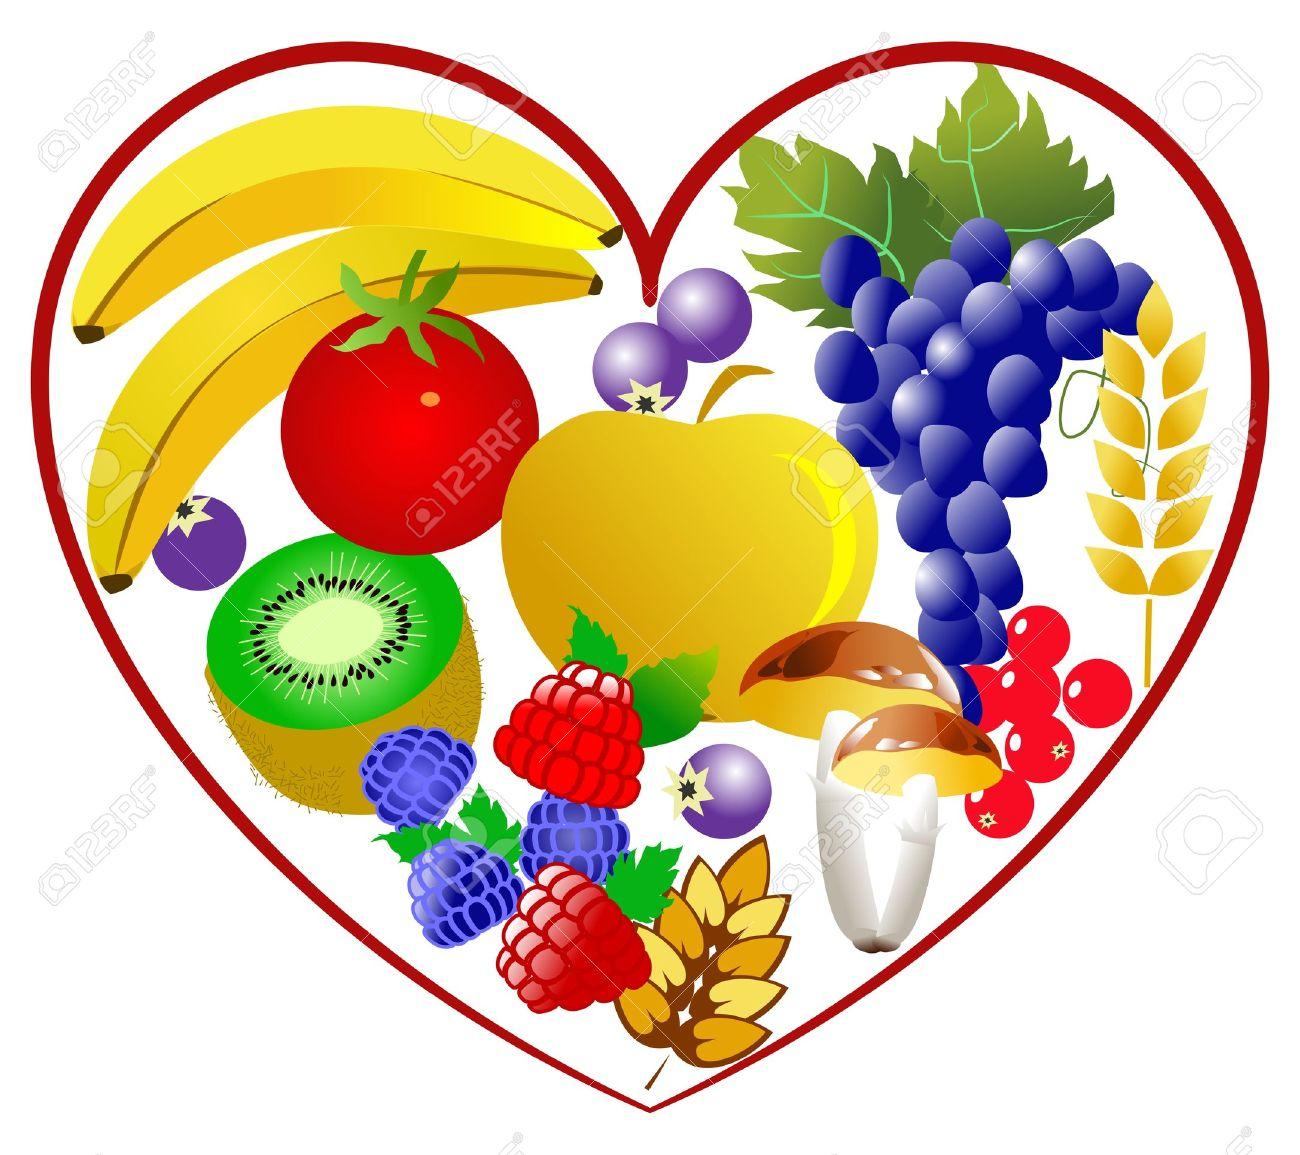 Healthy Food Vs Unhealthy Food Statistics Nz